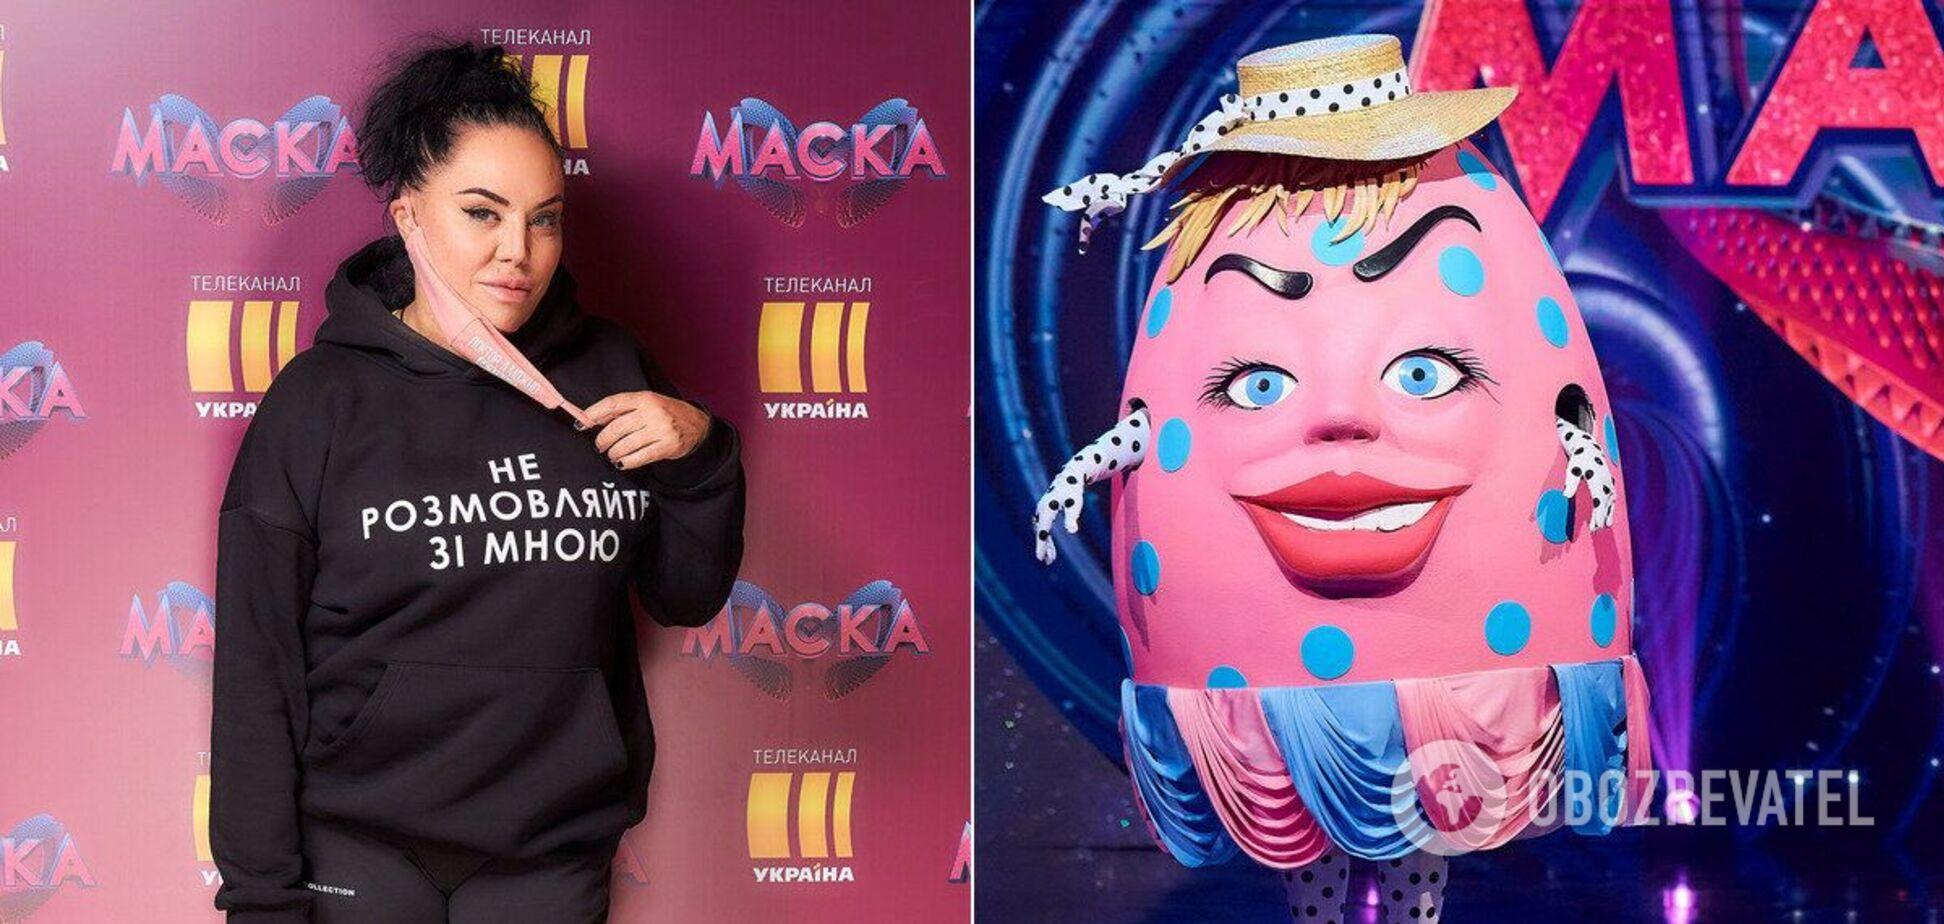 Оксана Байрак об образе Крапанки на шоу 'Маска': я пела 'бытовым сопрано'. Эксклюзивное блиц-интервью